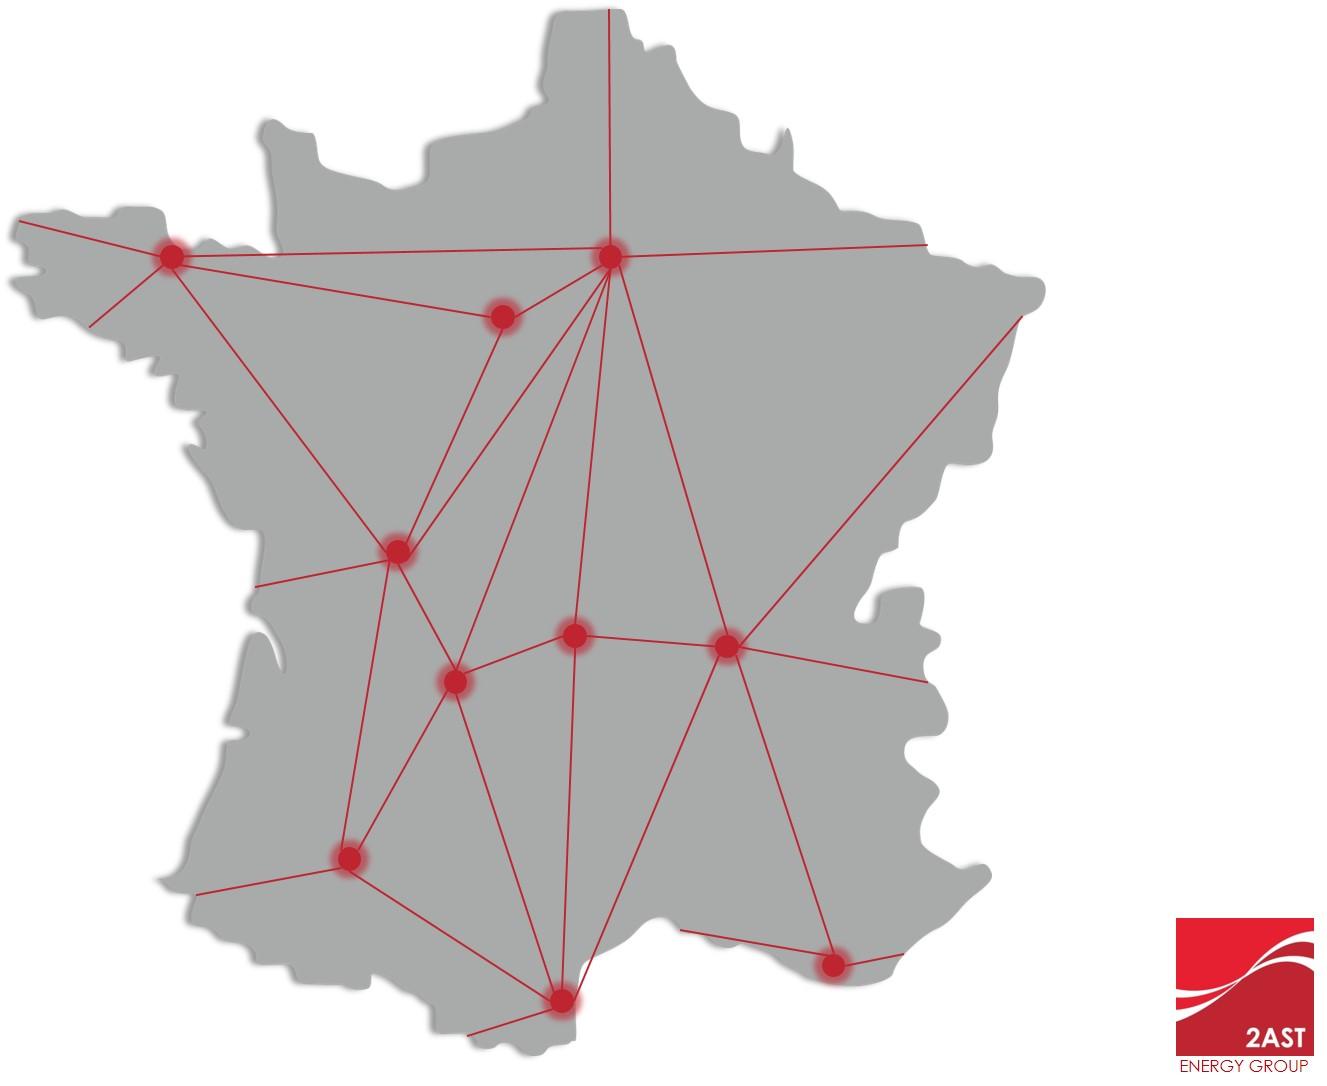 Carte des agences du groupe 2AST